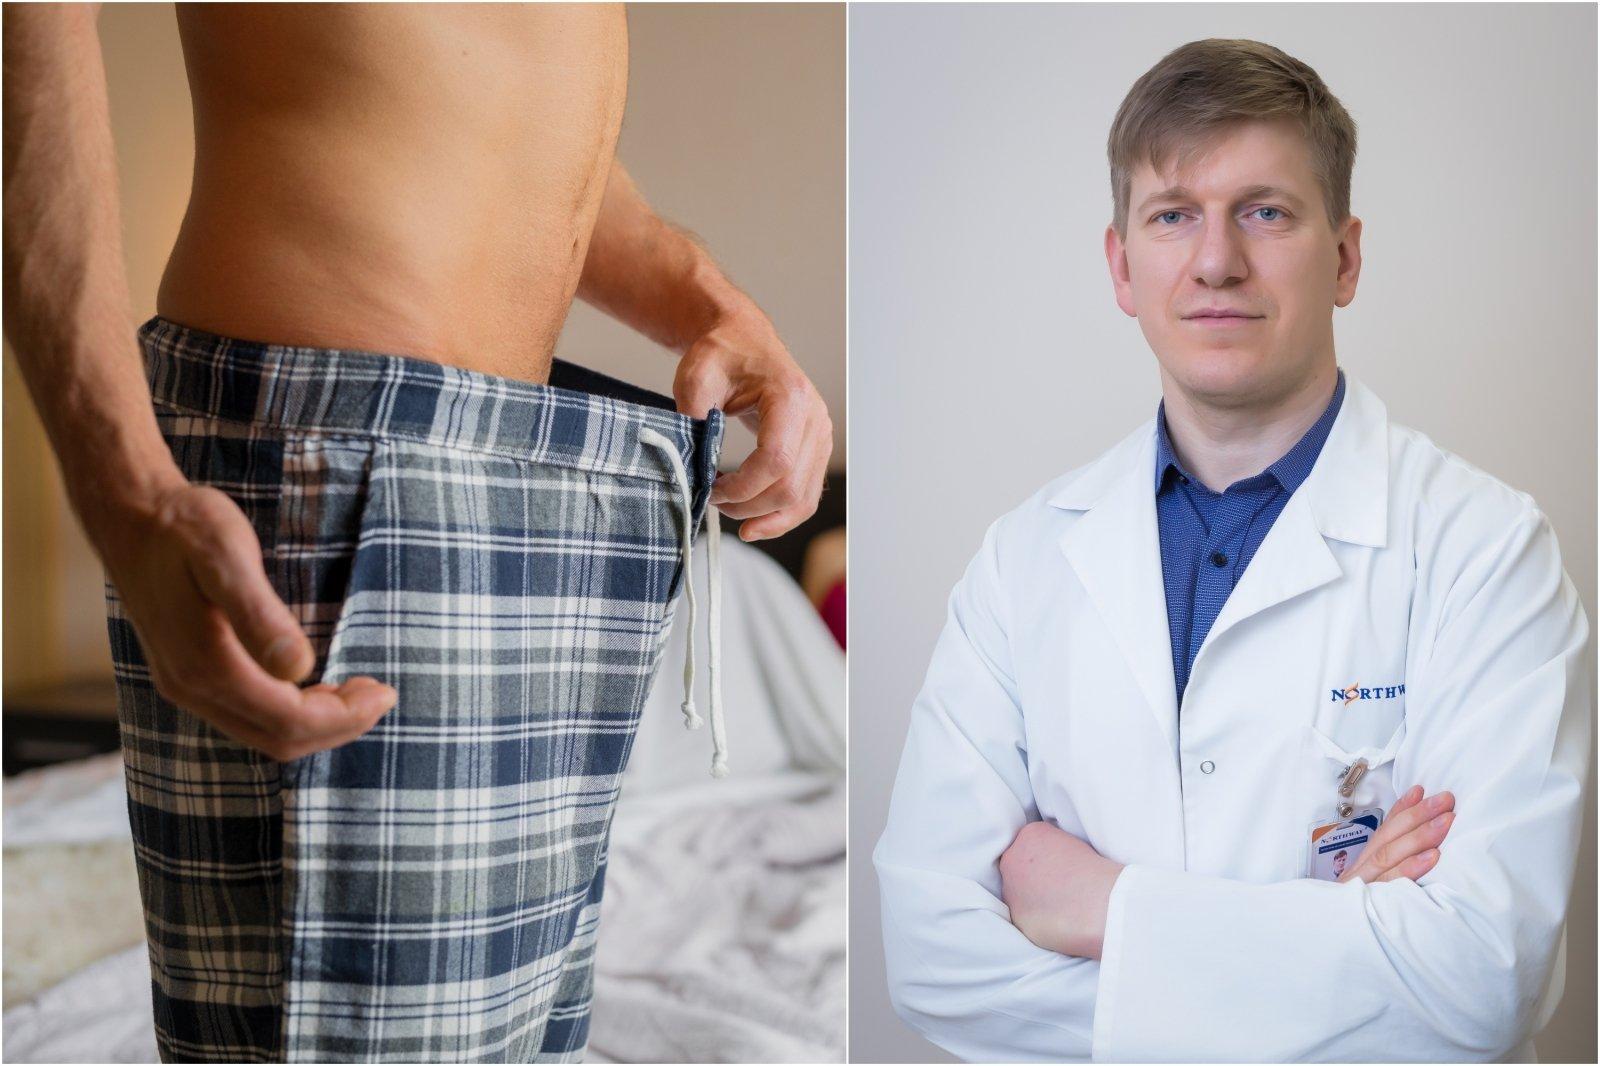 erekcijos disfunkcija ir jos gydymas vyrų lytinių organų erekcija